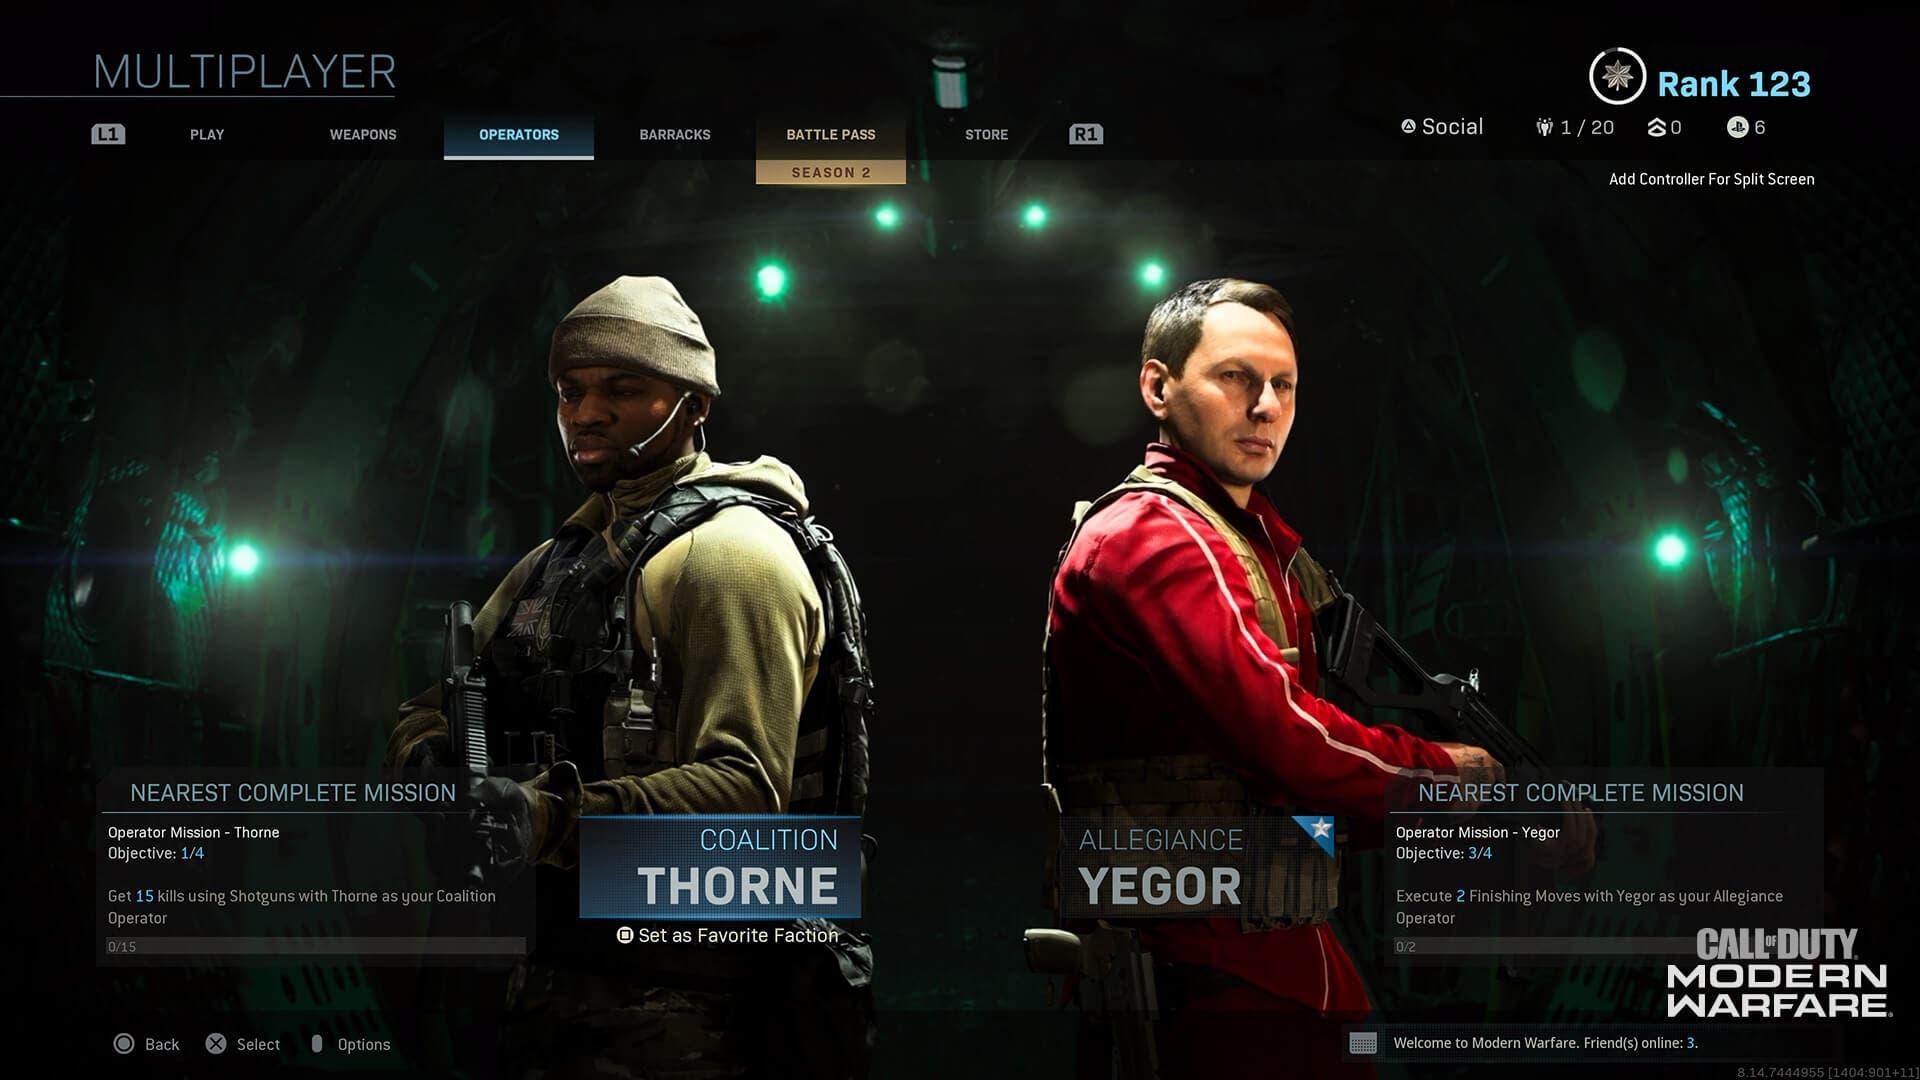 skin de Yegor gratis en Warzone y Modern Warfare